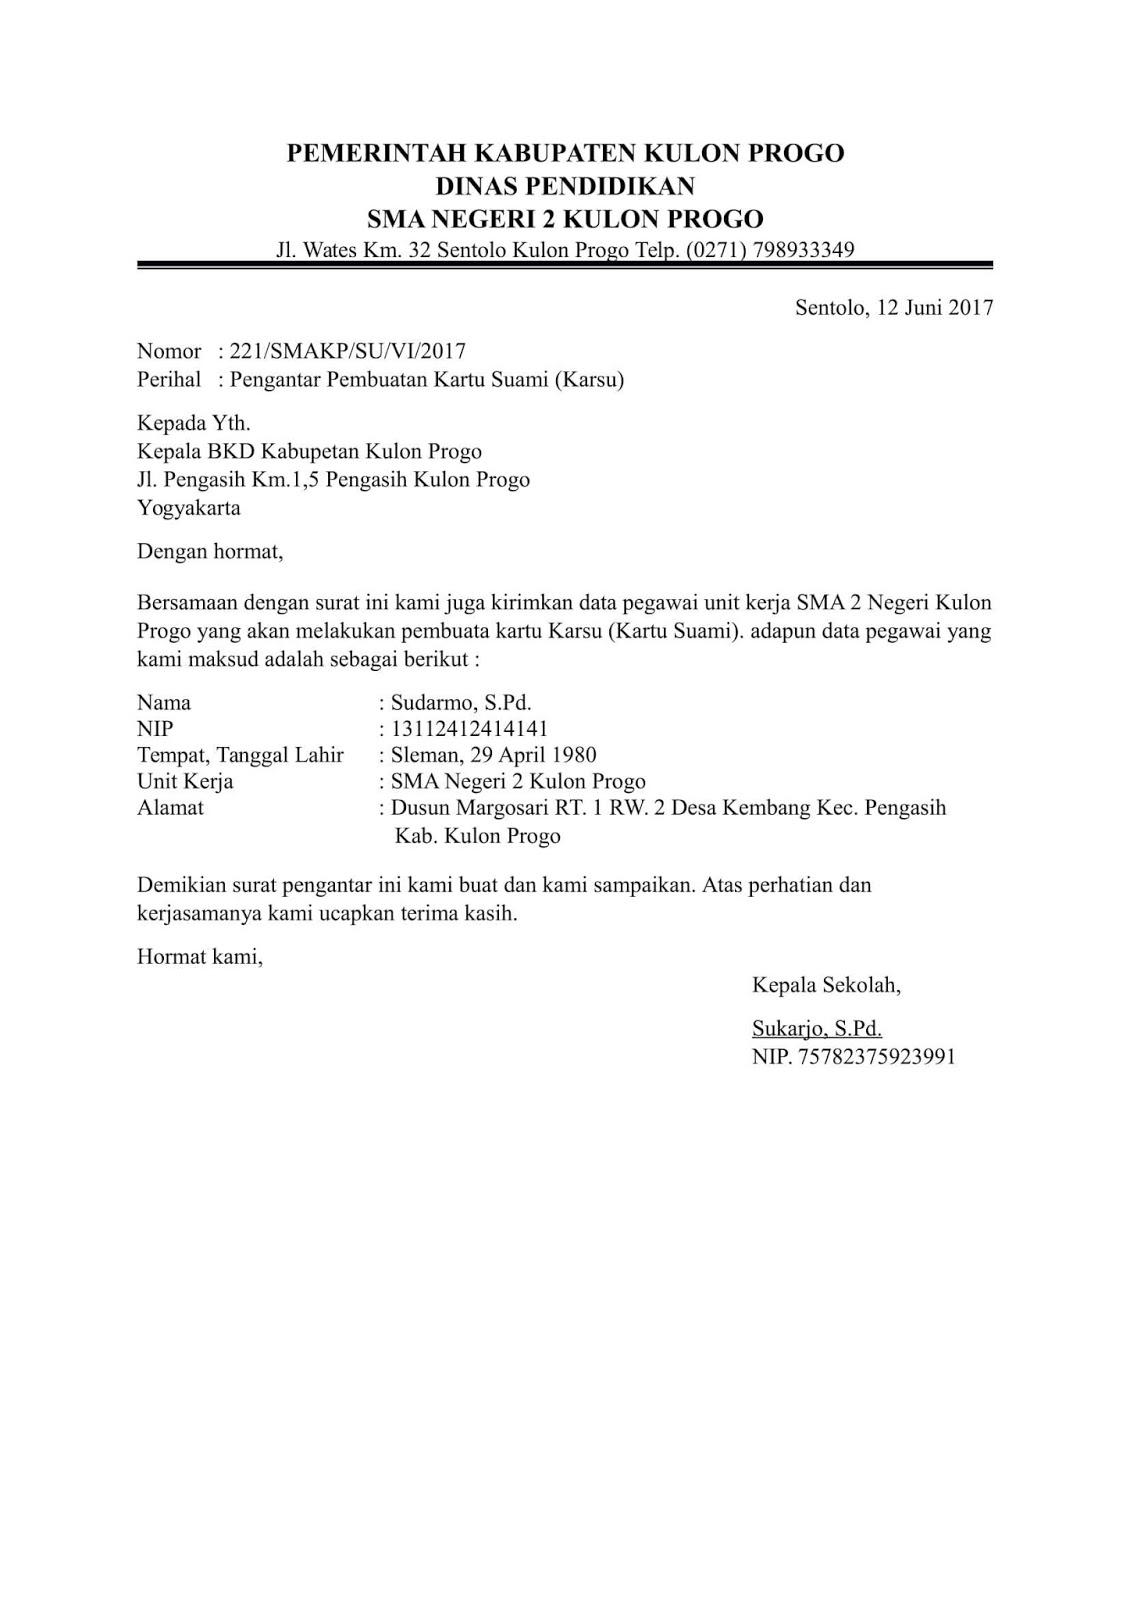 Contoh Format Surat Pengantar